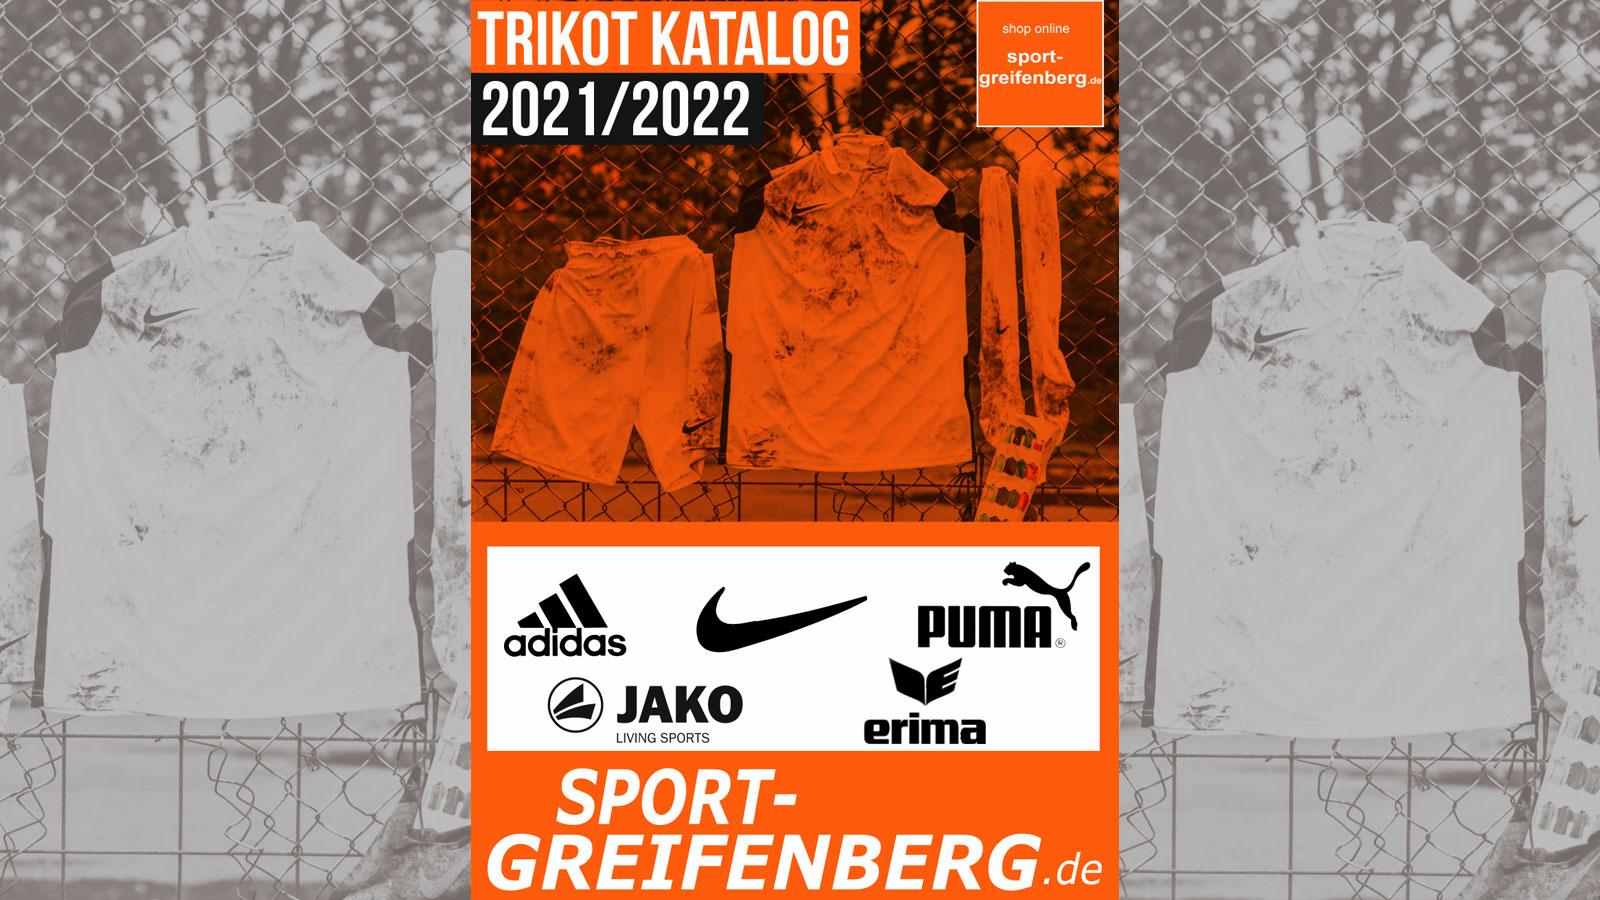 Der Trikot Katalog 2021/2022 als PDF für alle Marken